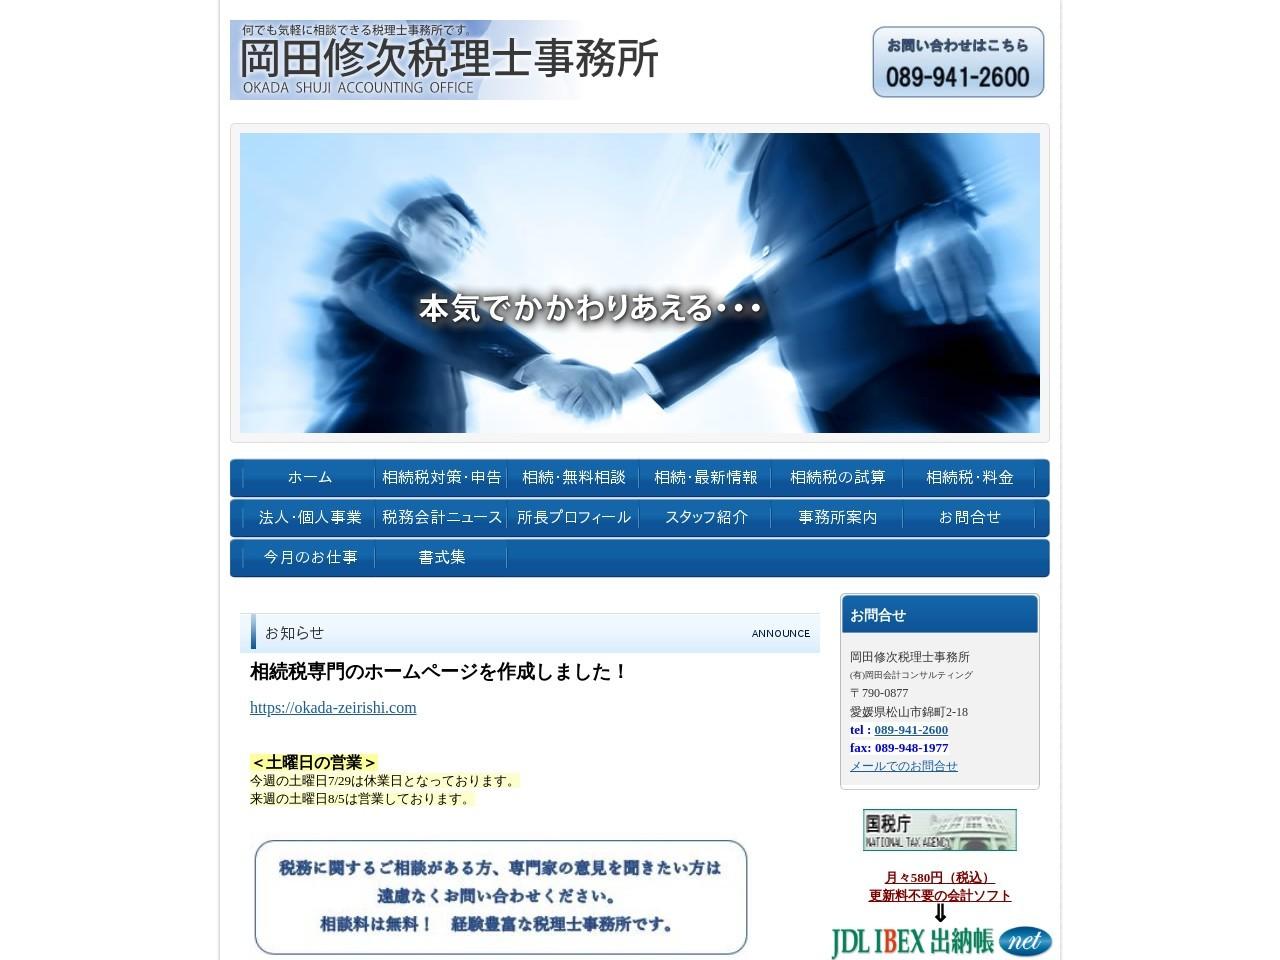 岡田修次税理士事務所